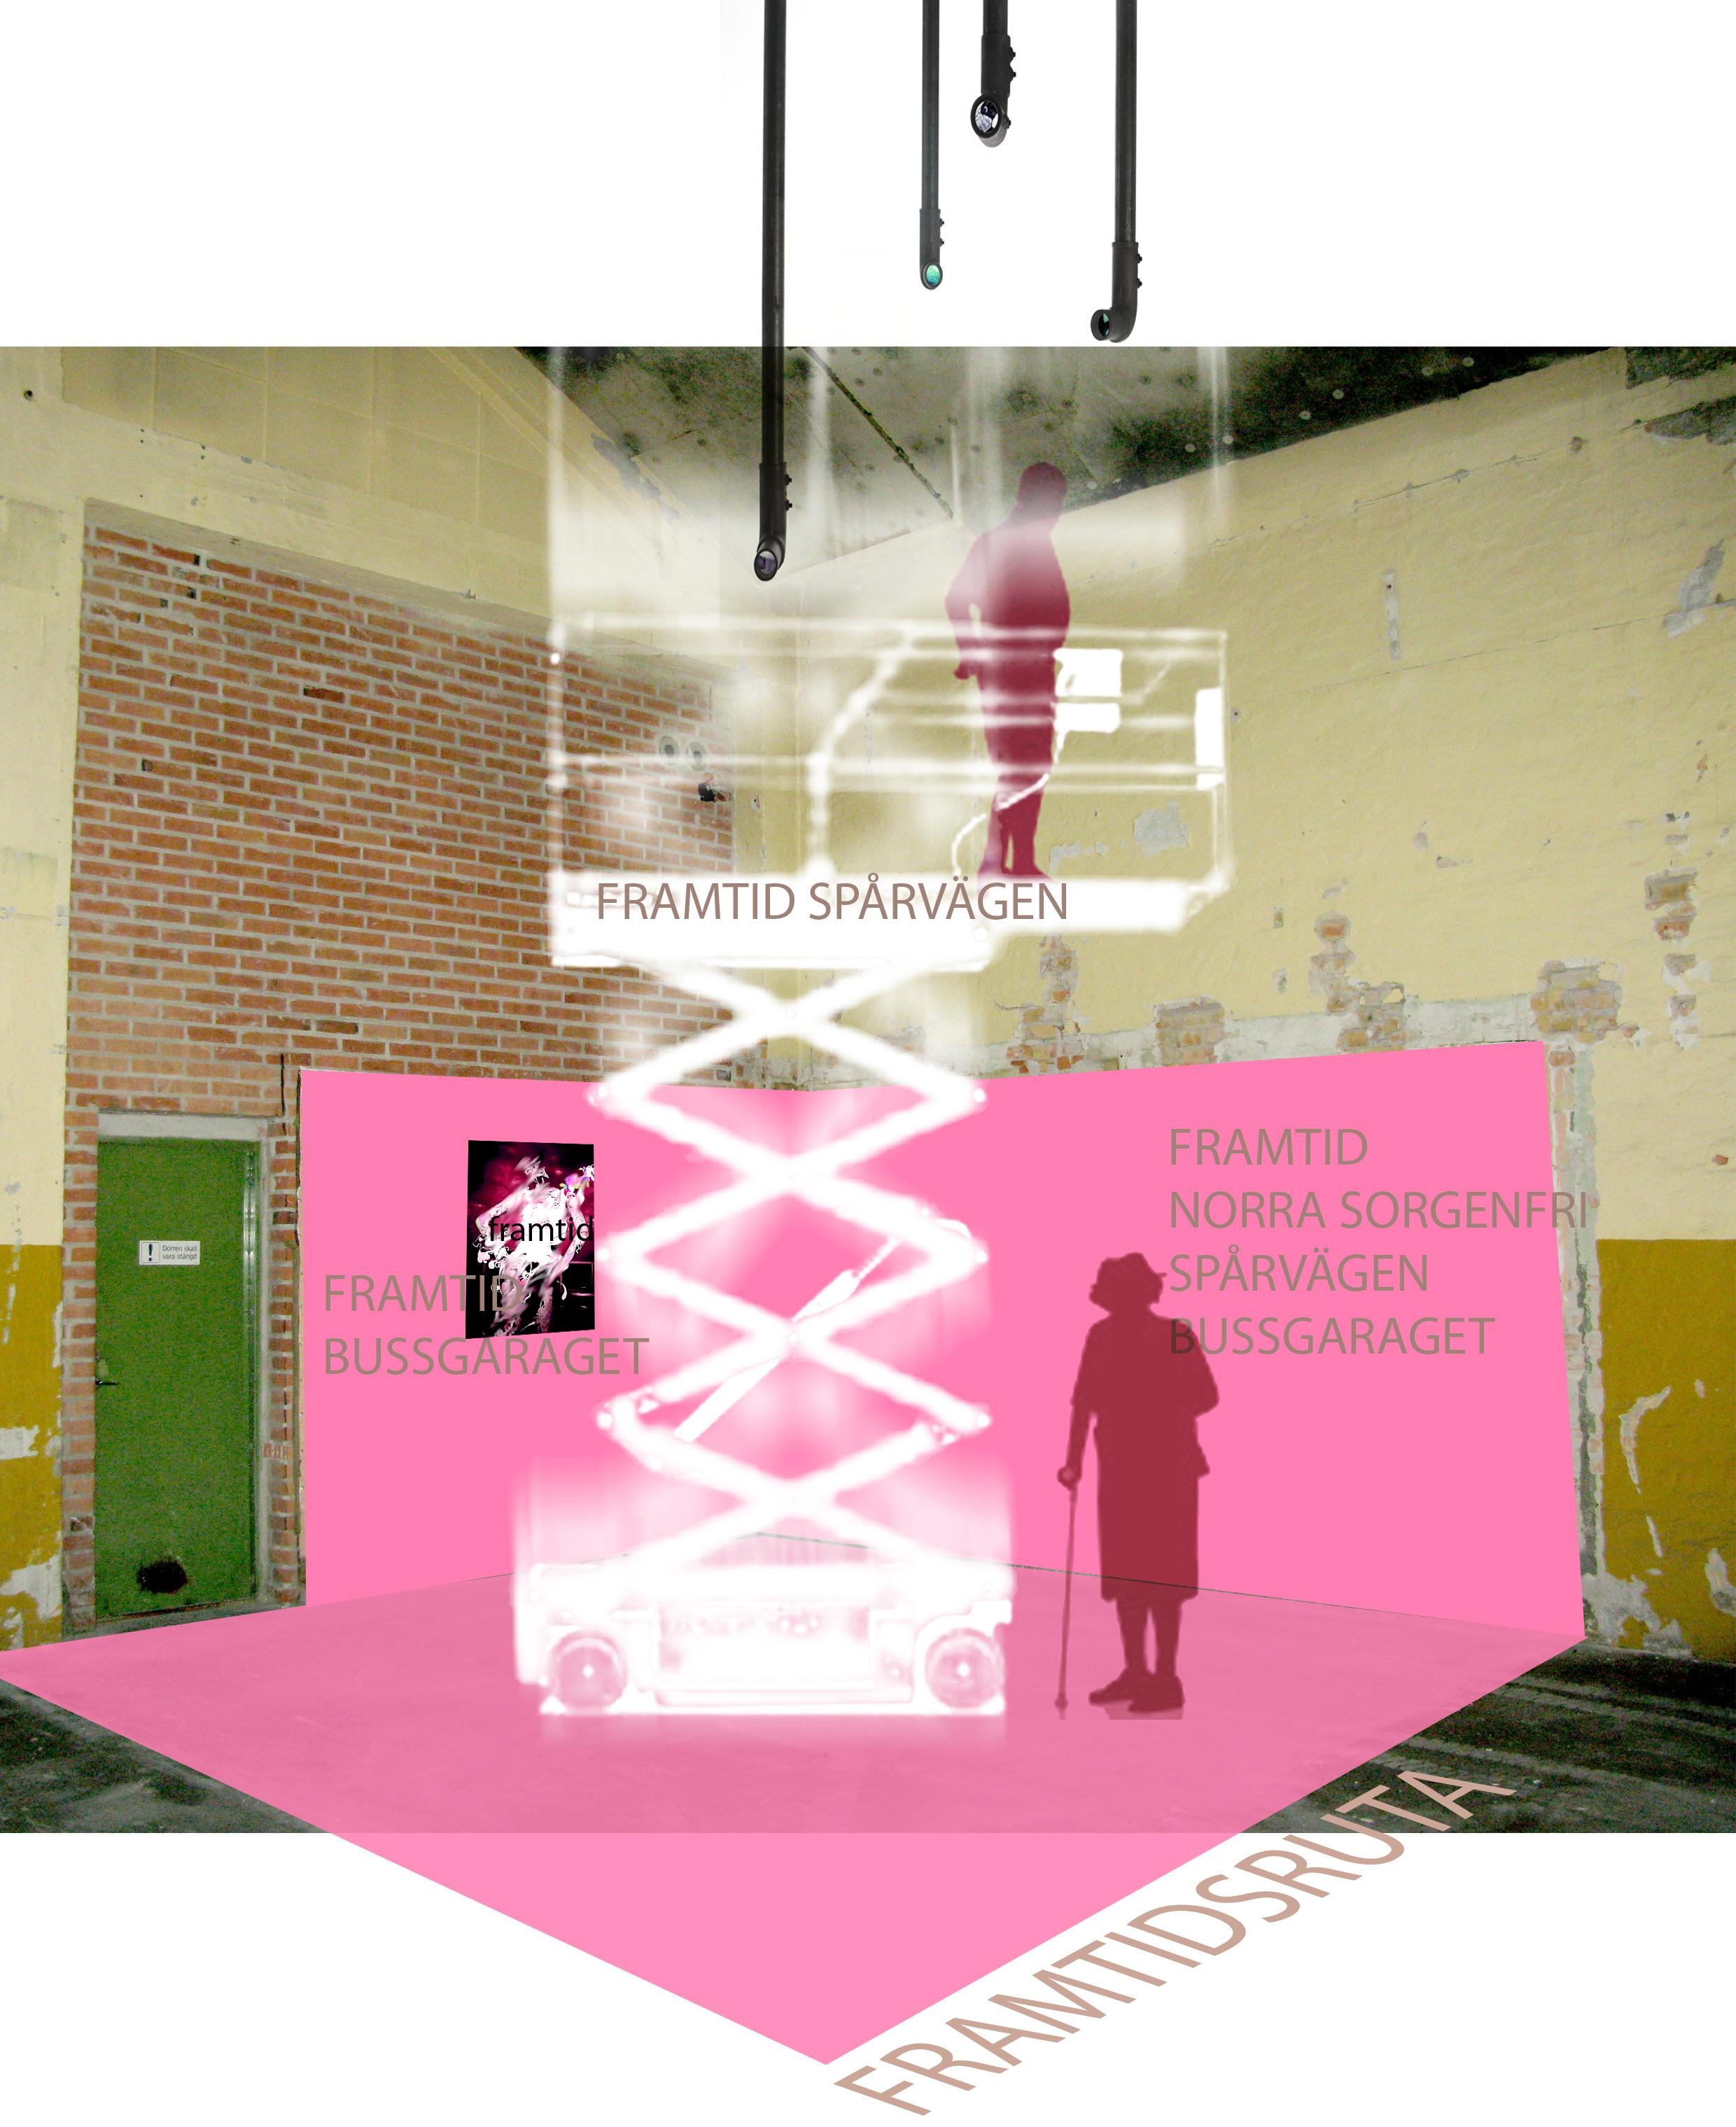 Atelier01 arkitektur bussg04